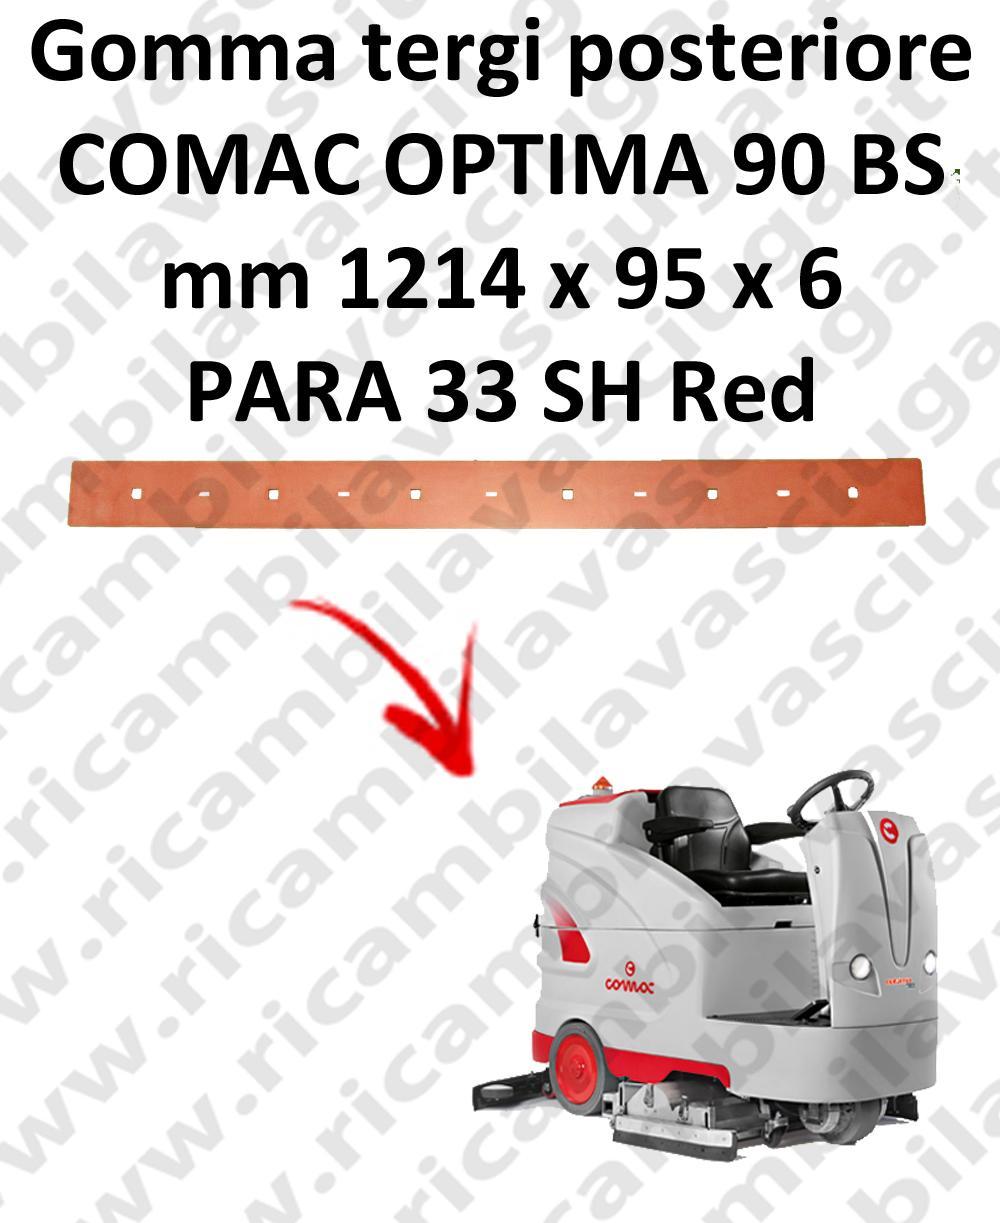 OPTIMA 90BS GOMMA TERGI posteriore per tergipavimento COMAC